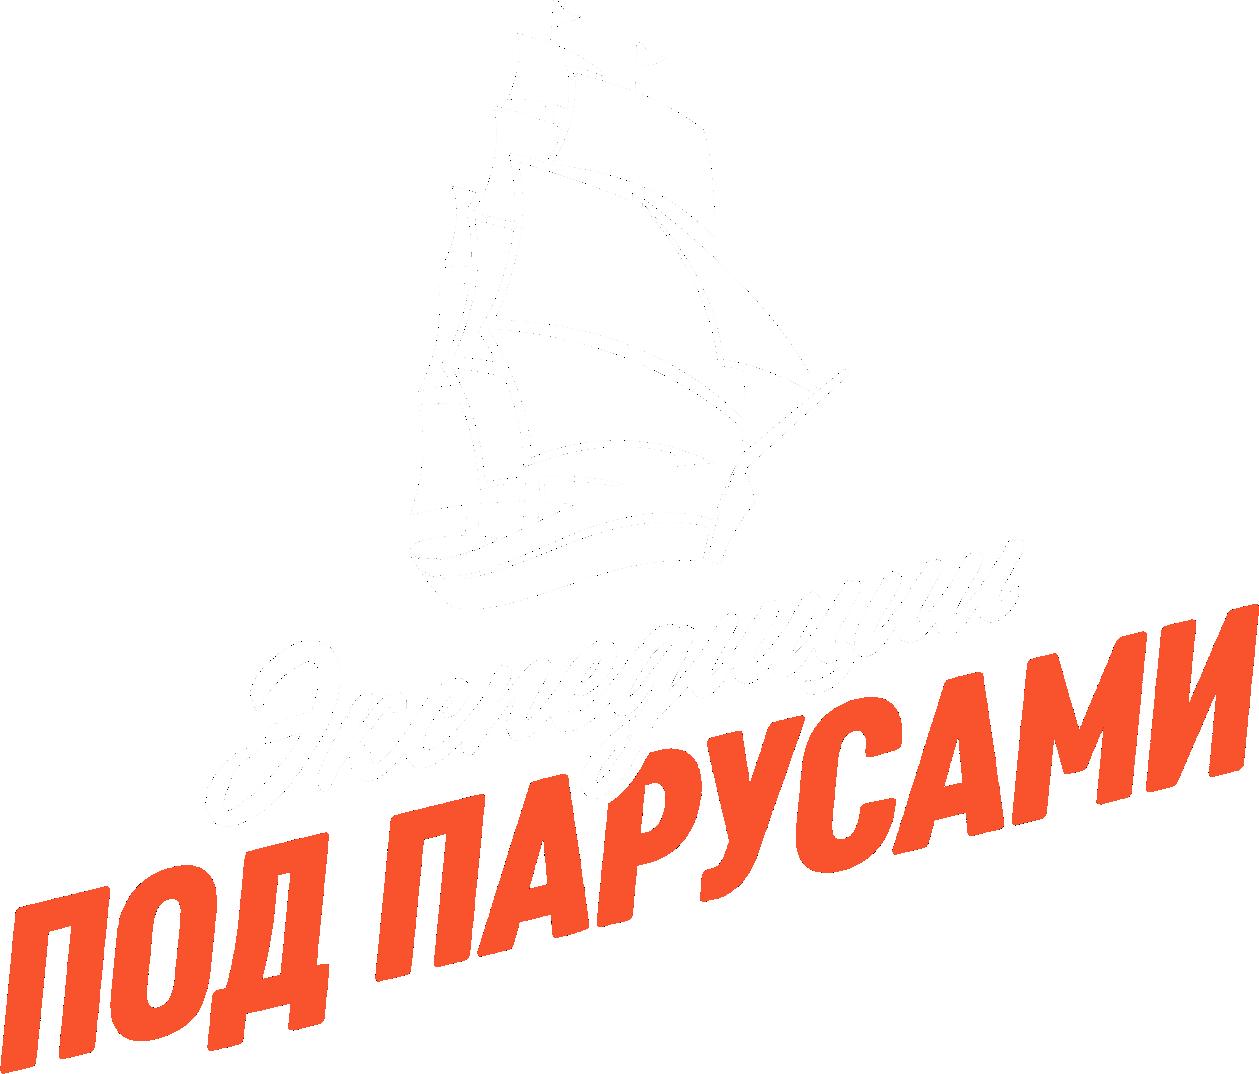 Podparusami logo